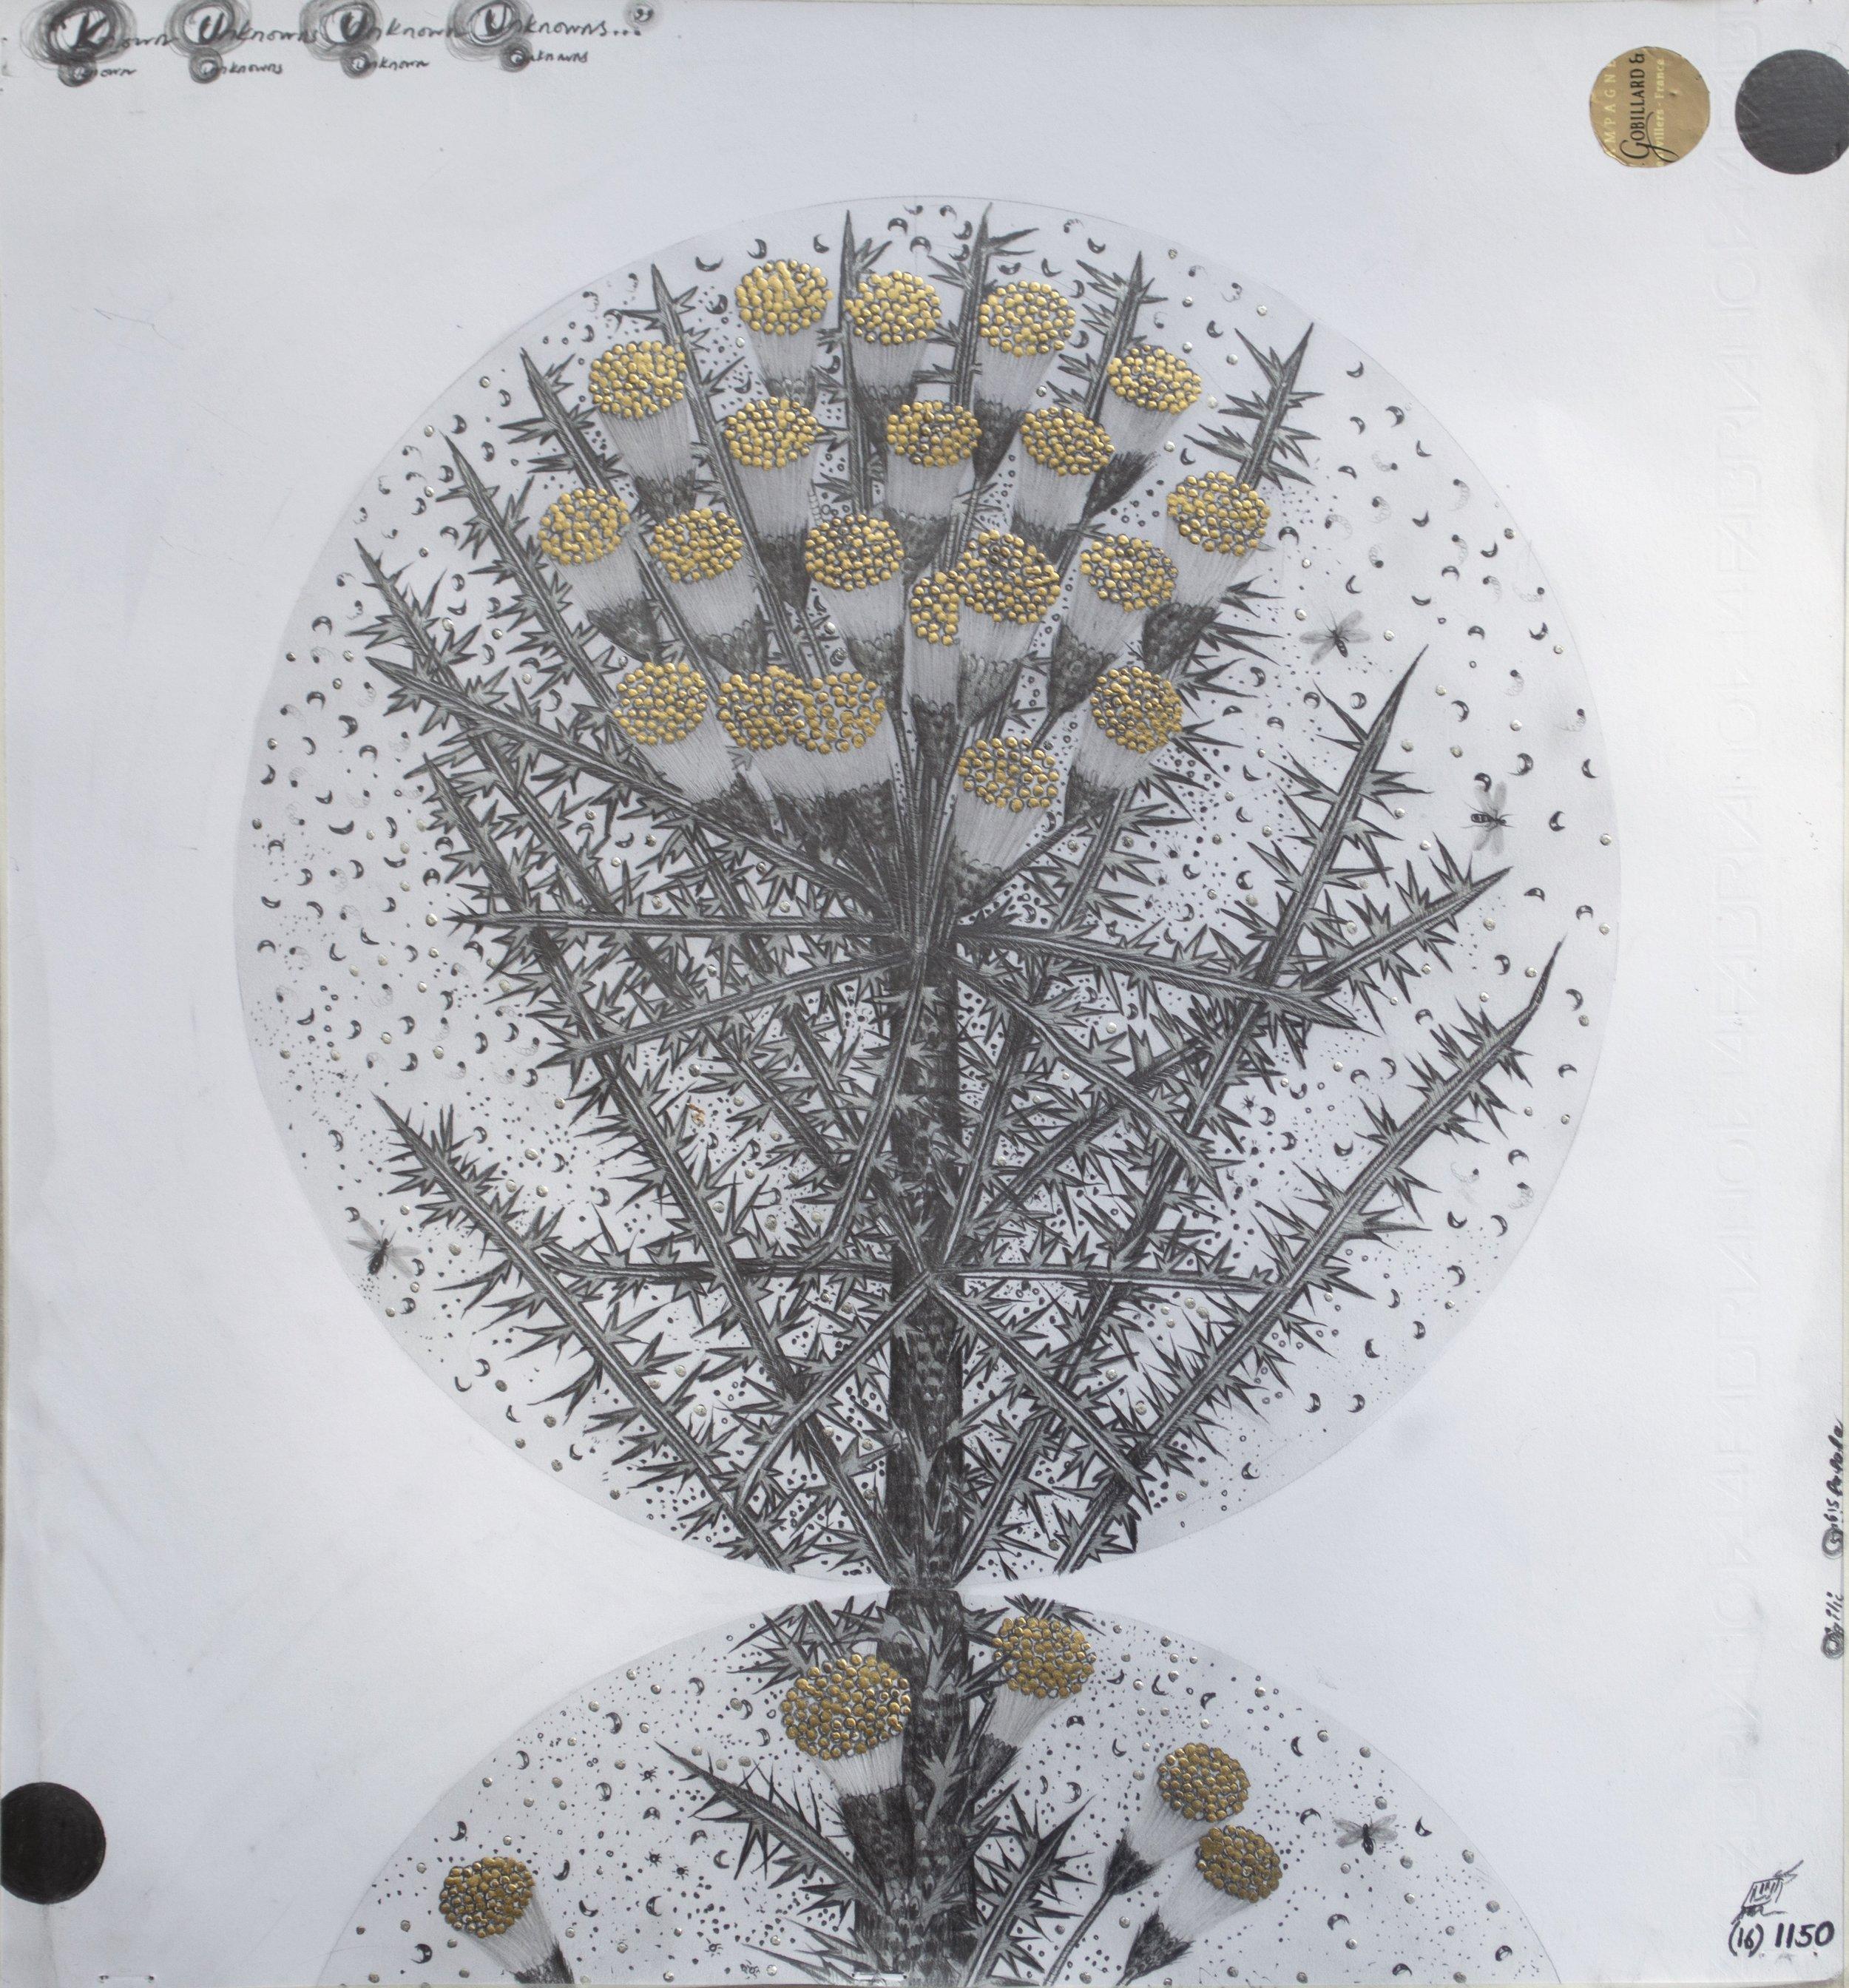 """© Hipkiss, """"1150 - Capitule 16"""", 40x36 cm, mine de plomb, encre argentée et feuille d'or blanc sur papier Fabriano 4, 2018, Courtesy Galerie C"""